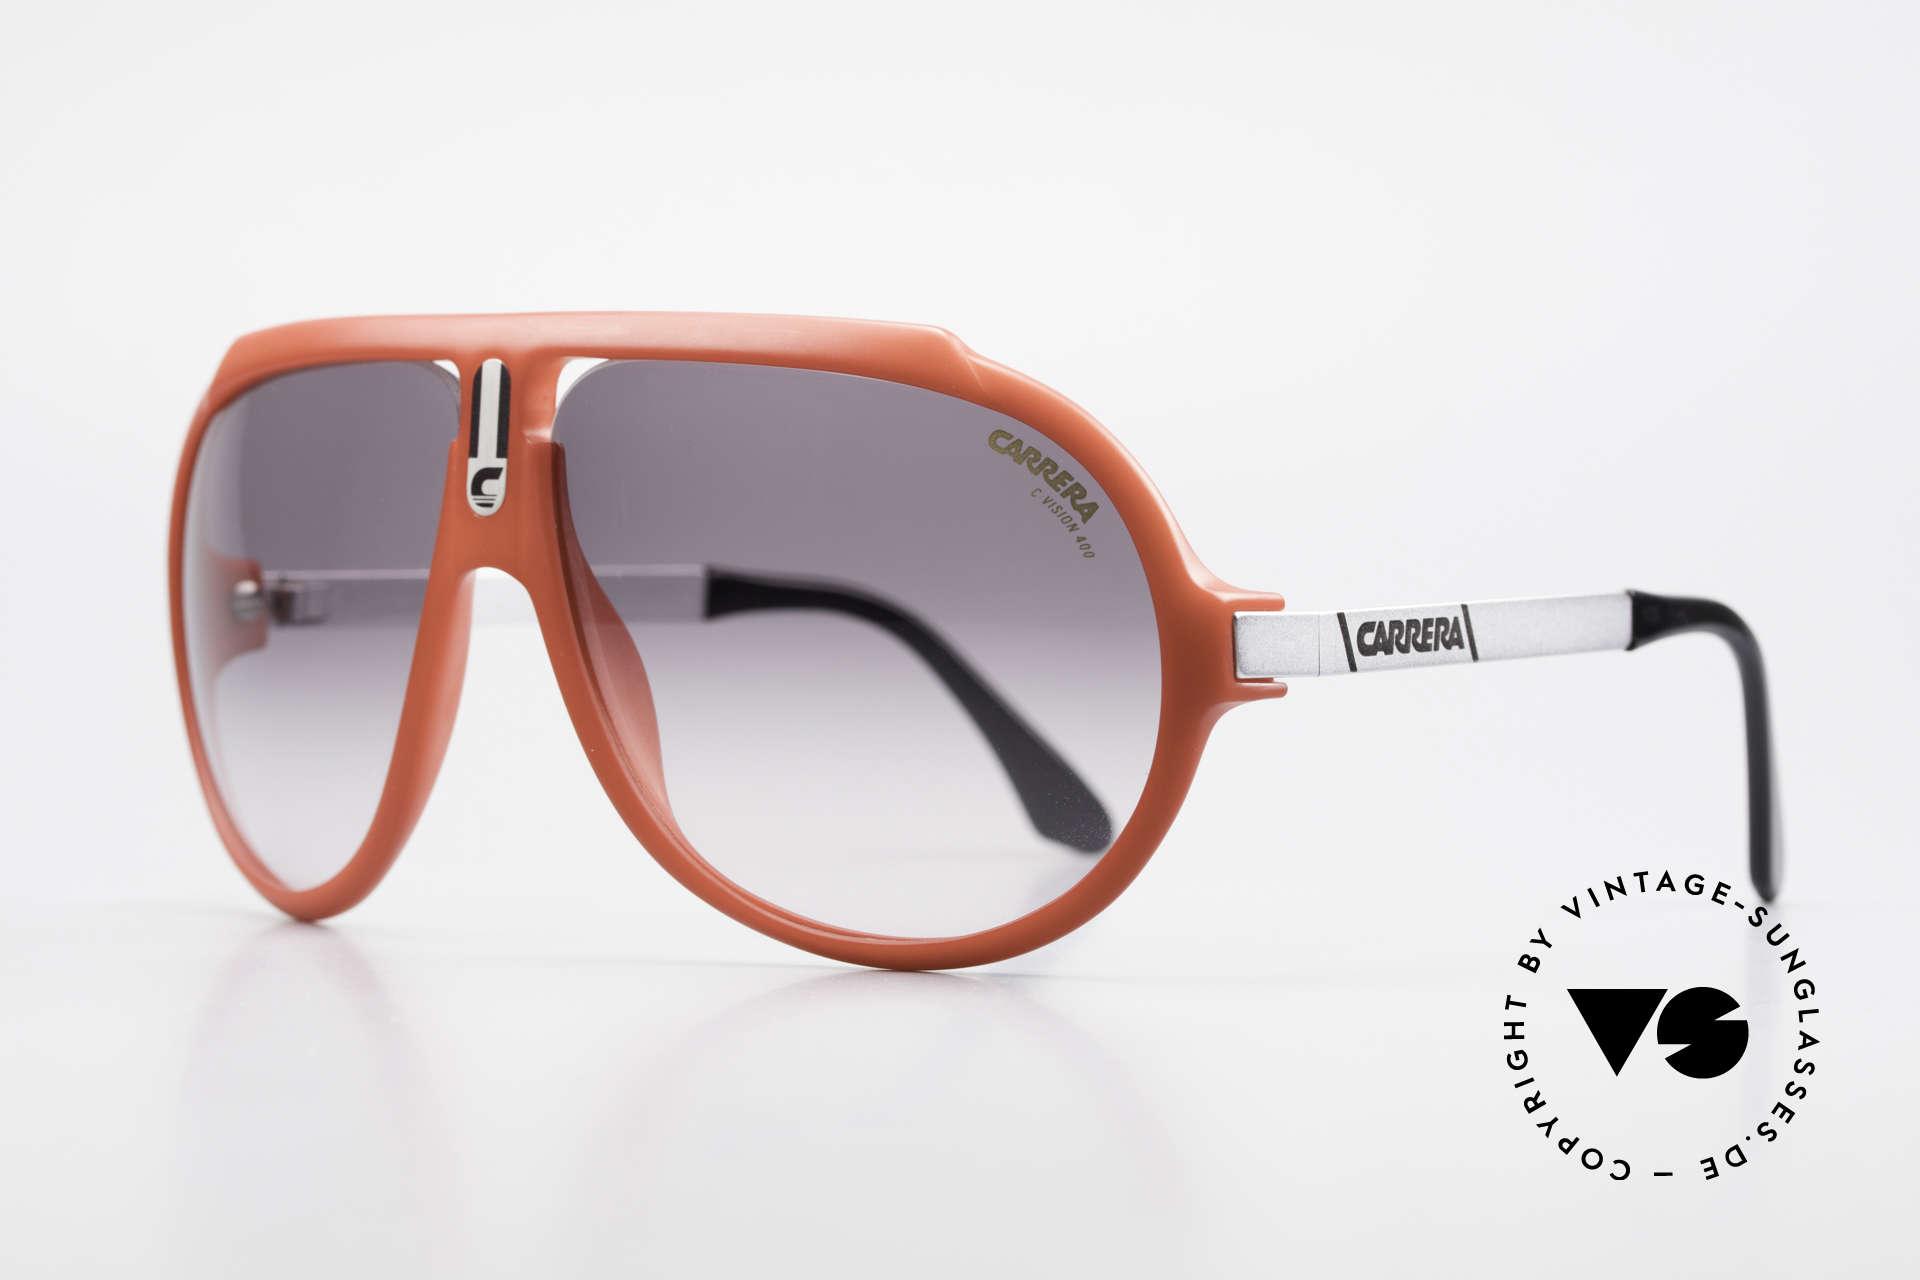 Carrera 5512 80's Sunglasses Miami Vice, Carrera Mod. 5512 worn by Don Johnson in Miami Vice, Made for Men